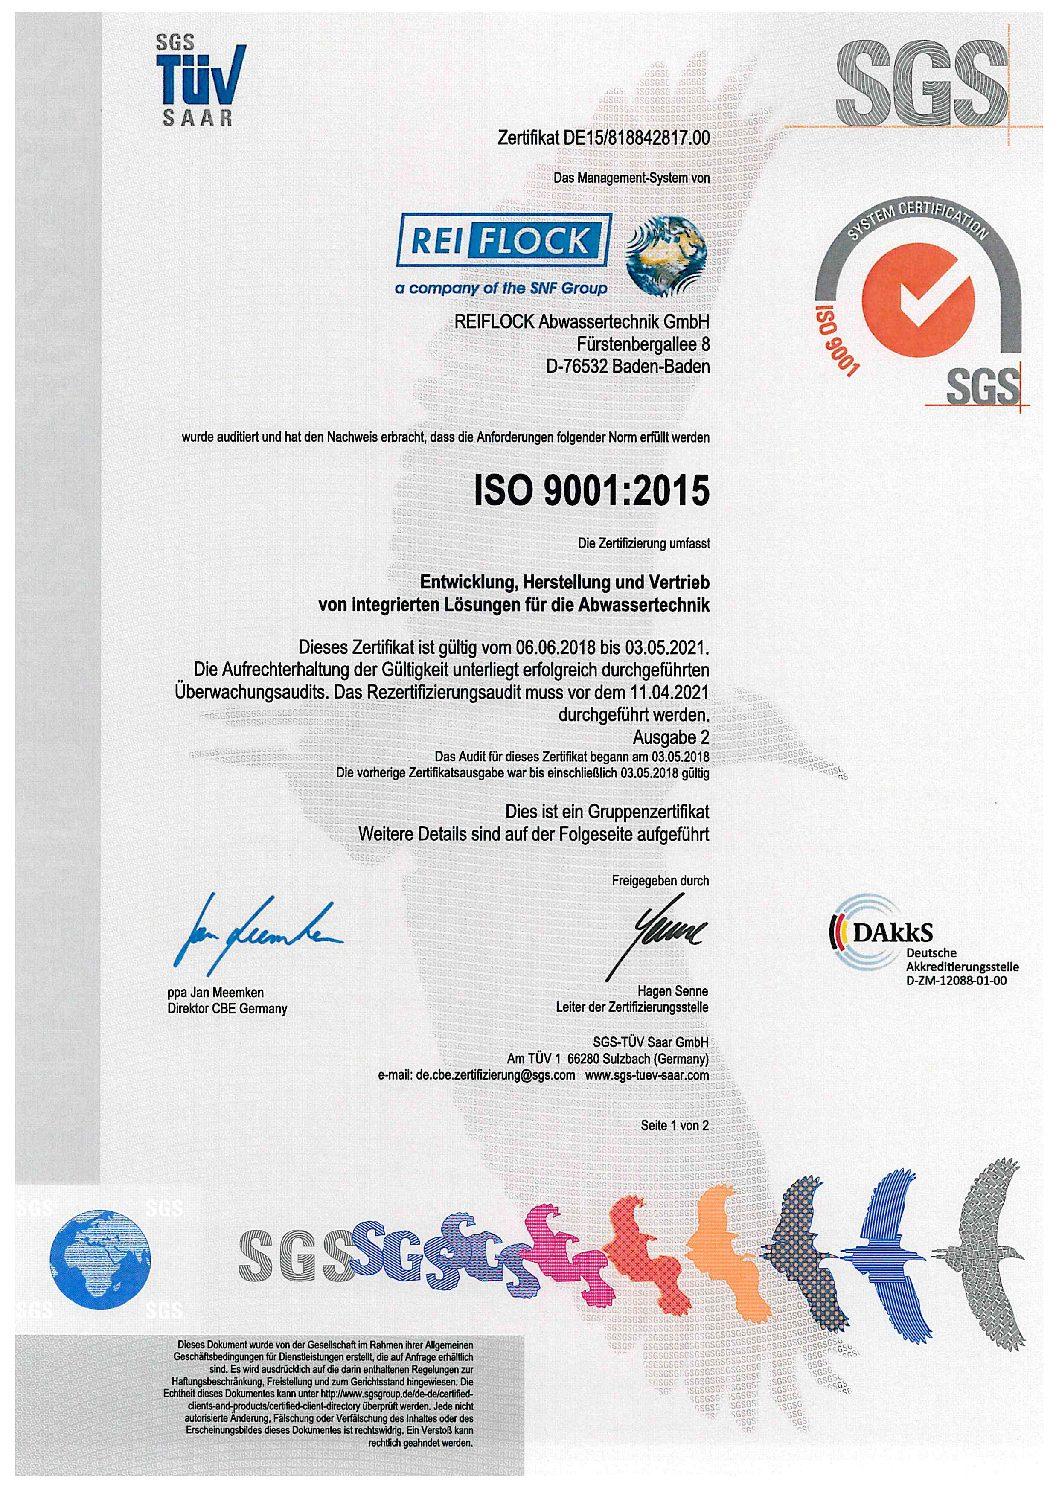 ISO 9001:2015 Audit Bestanden, REIFLOCK Erneut Erfolgreich Zertifiziert